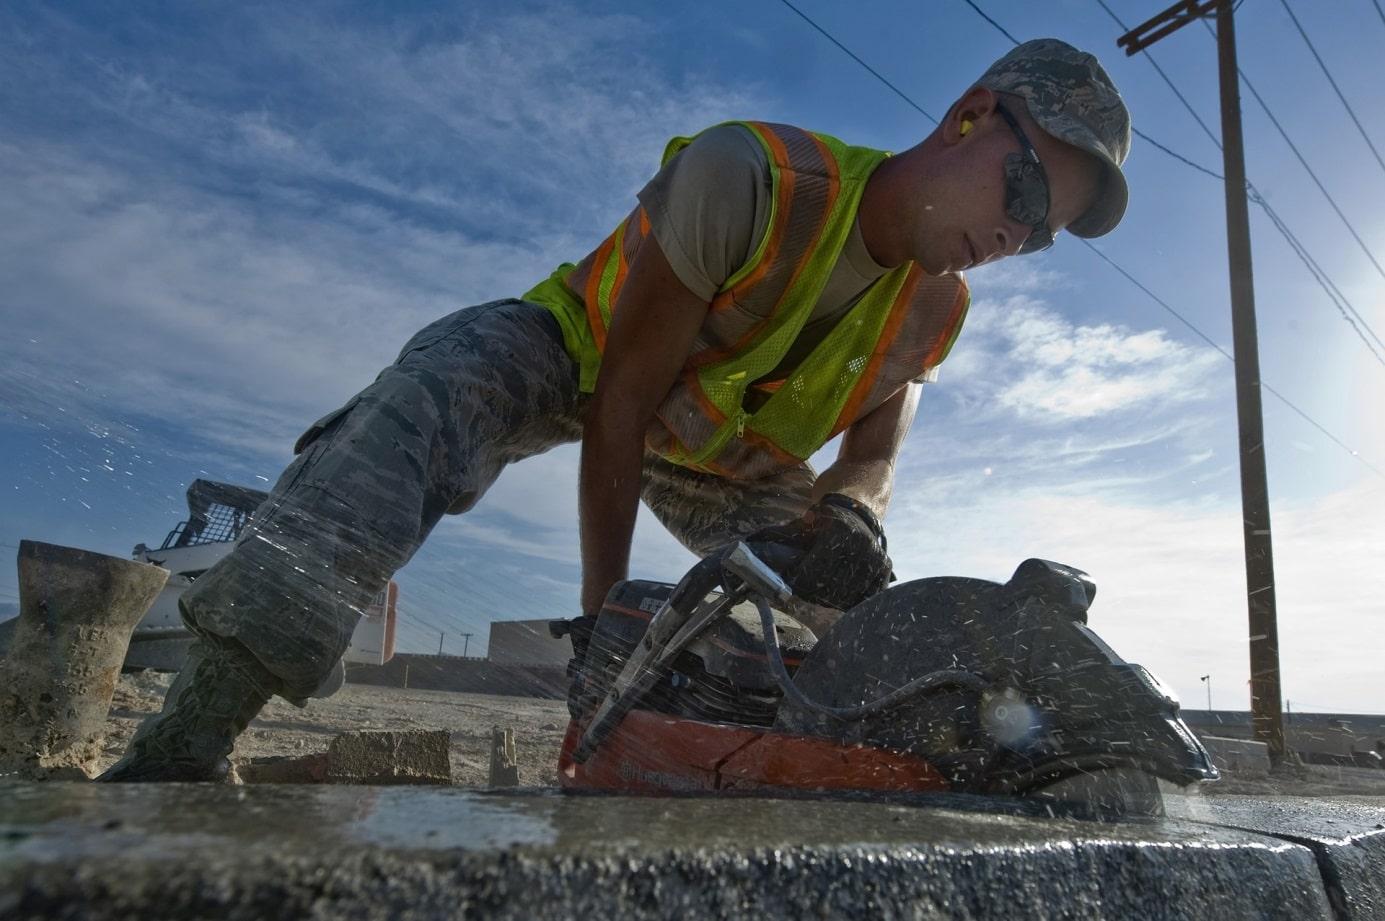 Un ouvrier qui s'abaisse pour ramasser des outils de travail